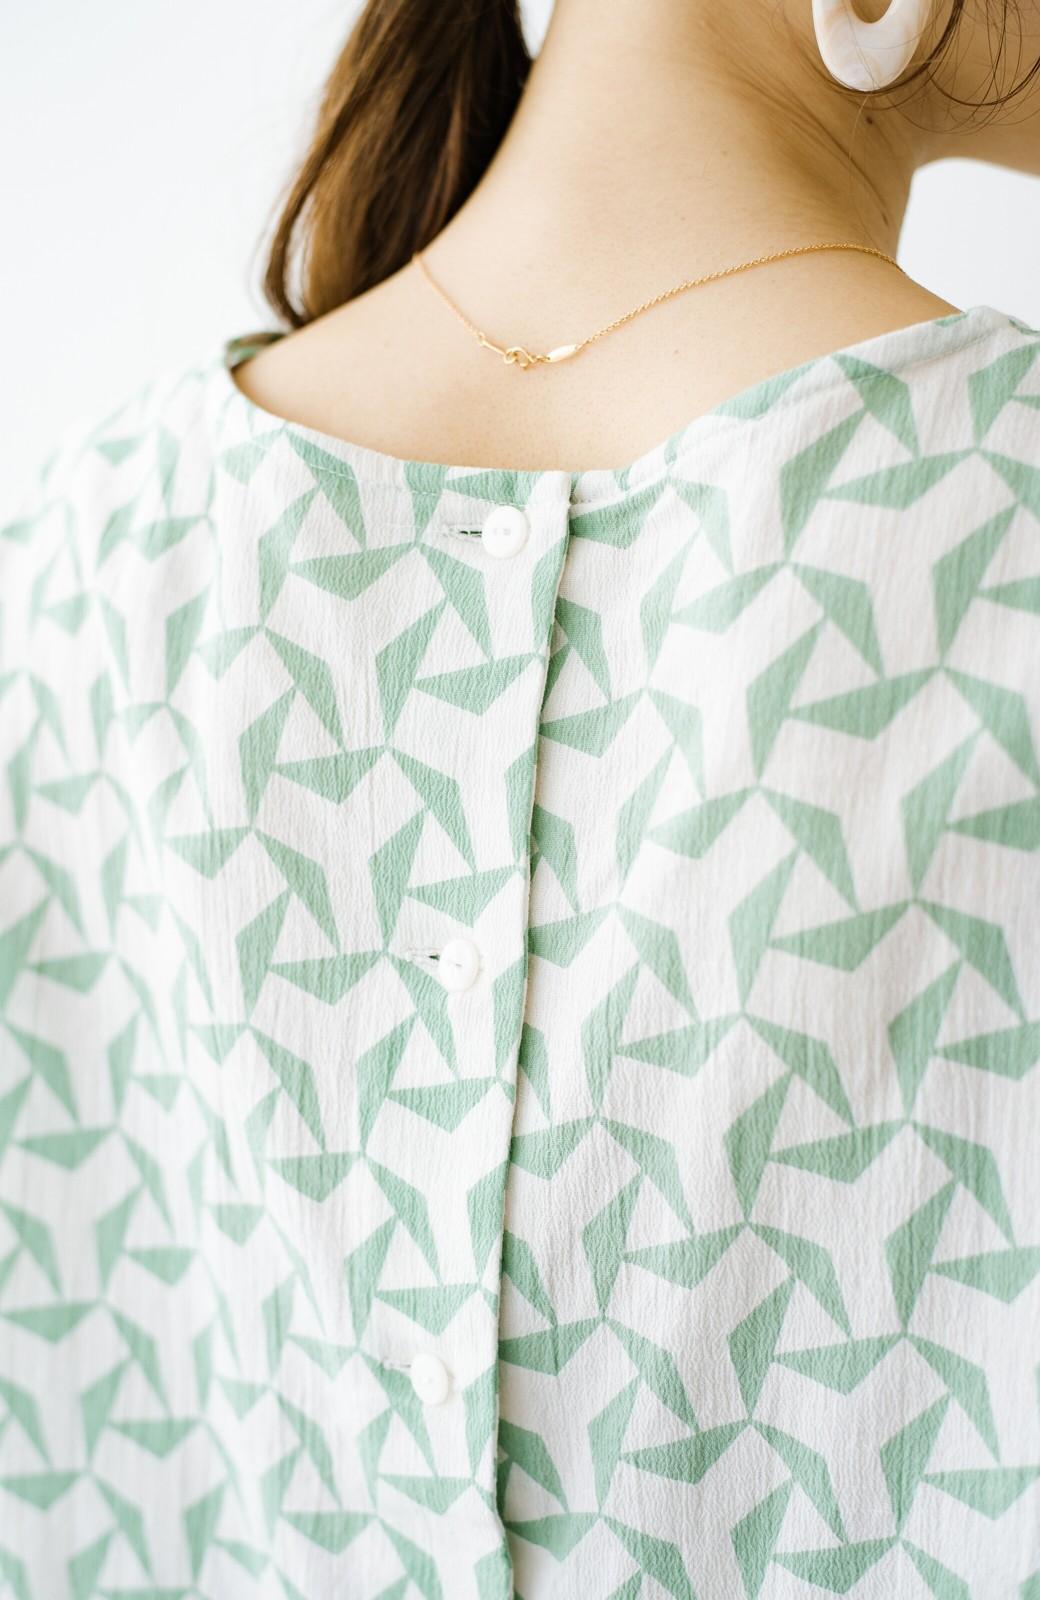 haco! 京都の浴衣屋さんと作った浴衣生地の後ろボタンブラウス <ホワイト×グリーン>の商品写真5